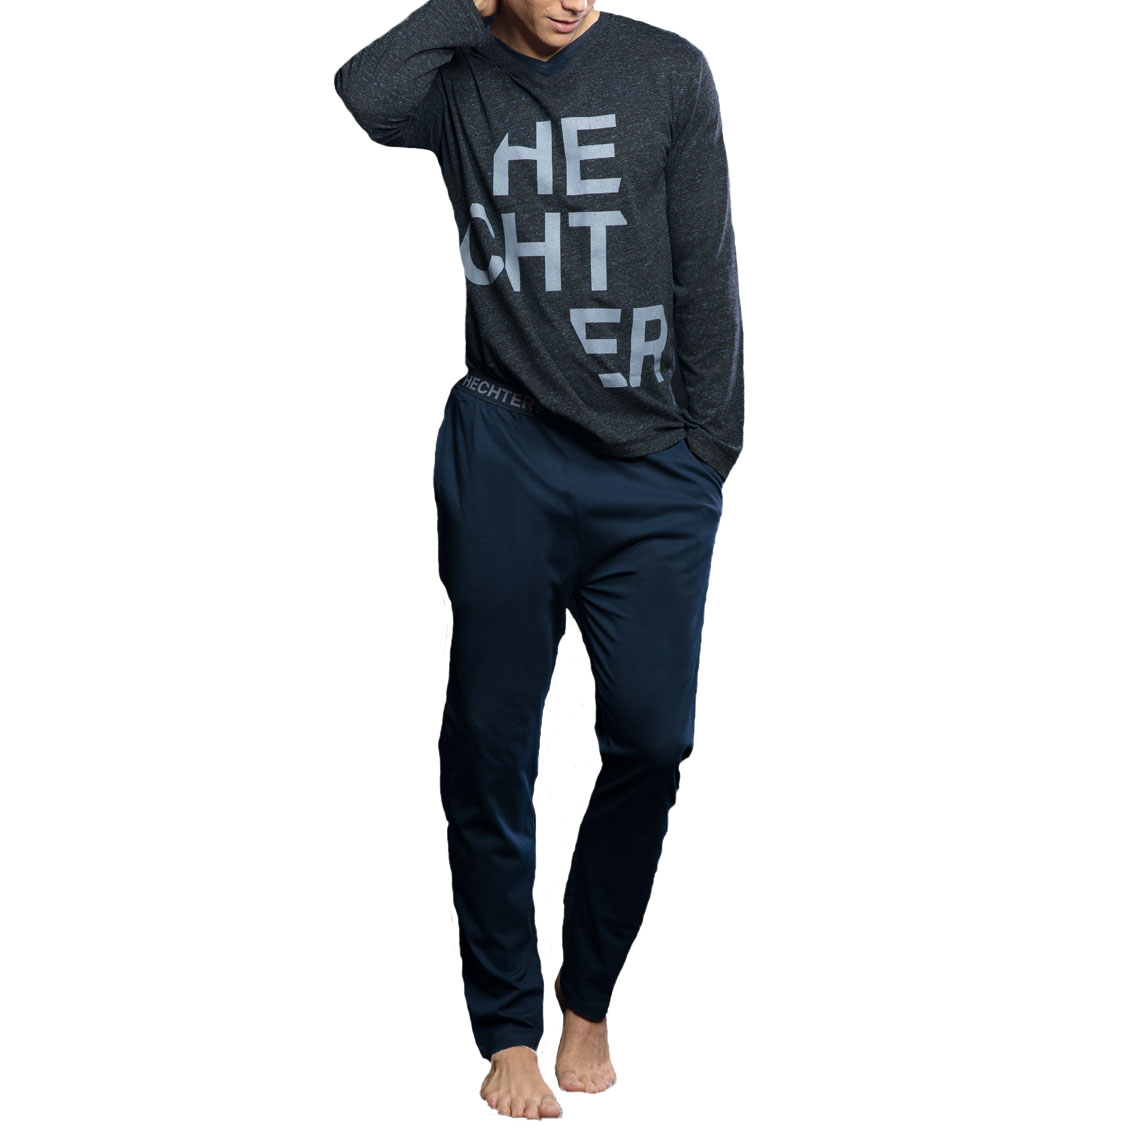 Pyjama long Hechter Studio Fusio : tee-shirt manches longues col V anthracite chiné moucheté et pantalon bleu marine